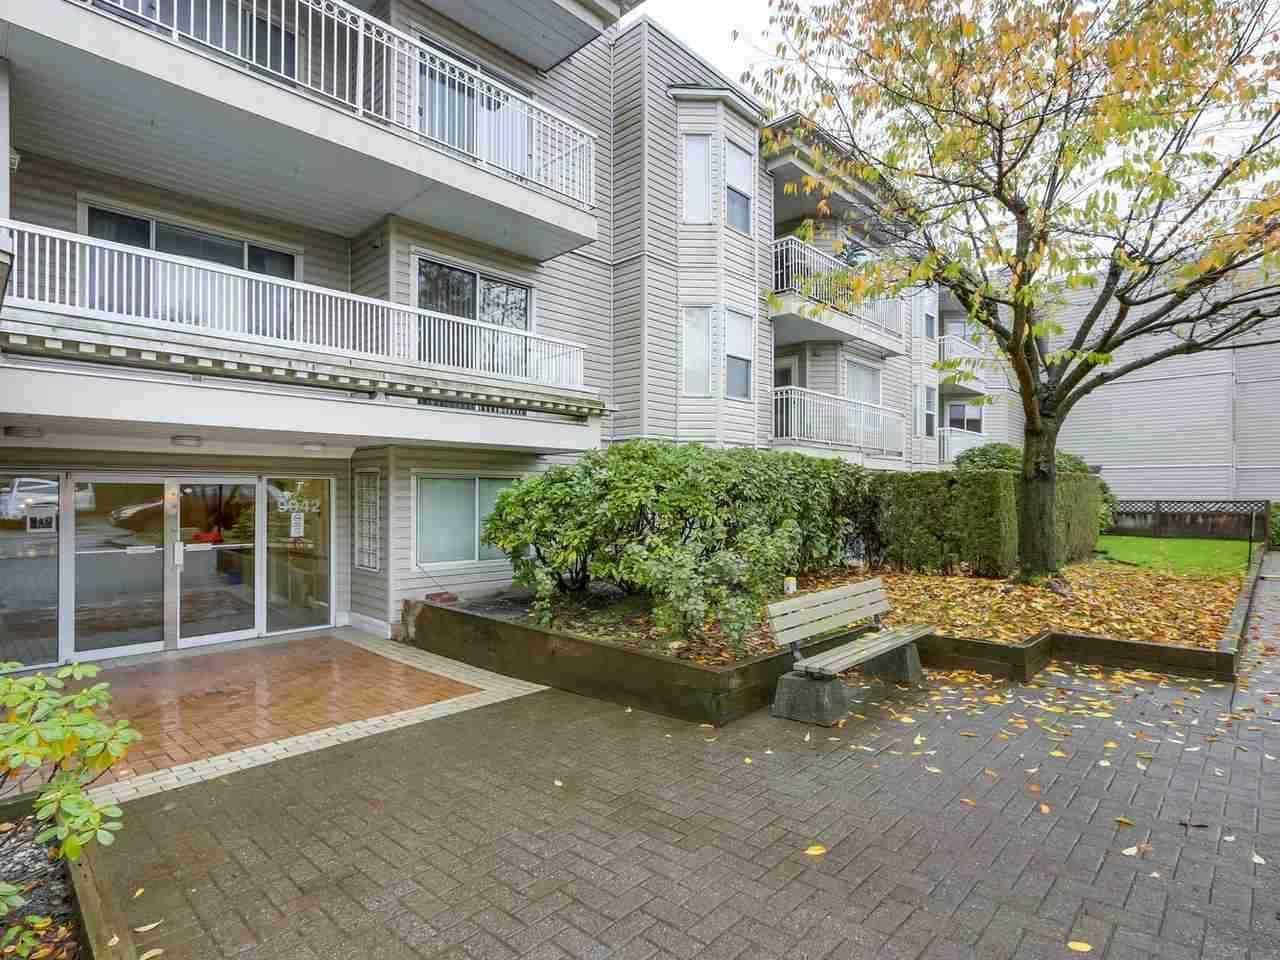 Main Photo: 205 9942 151 STREET in Surrey: Guildford Condo for sale (North Surrey)  : MLS®# R2337611